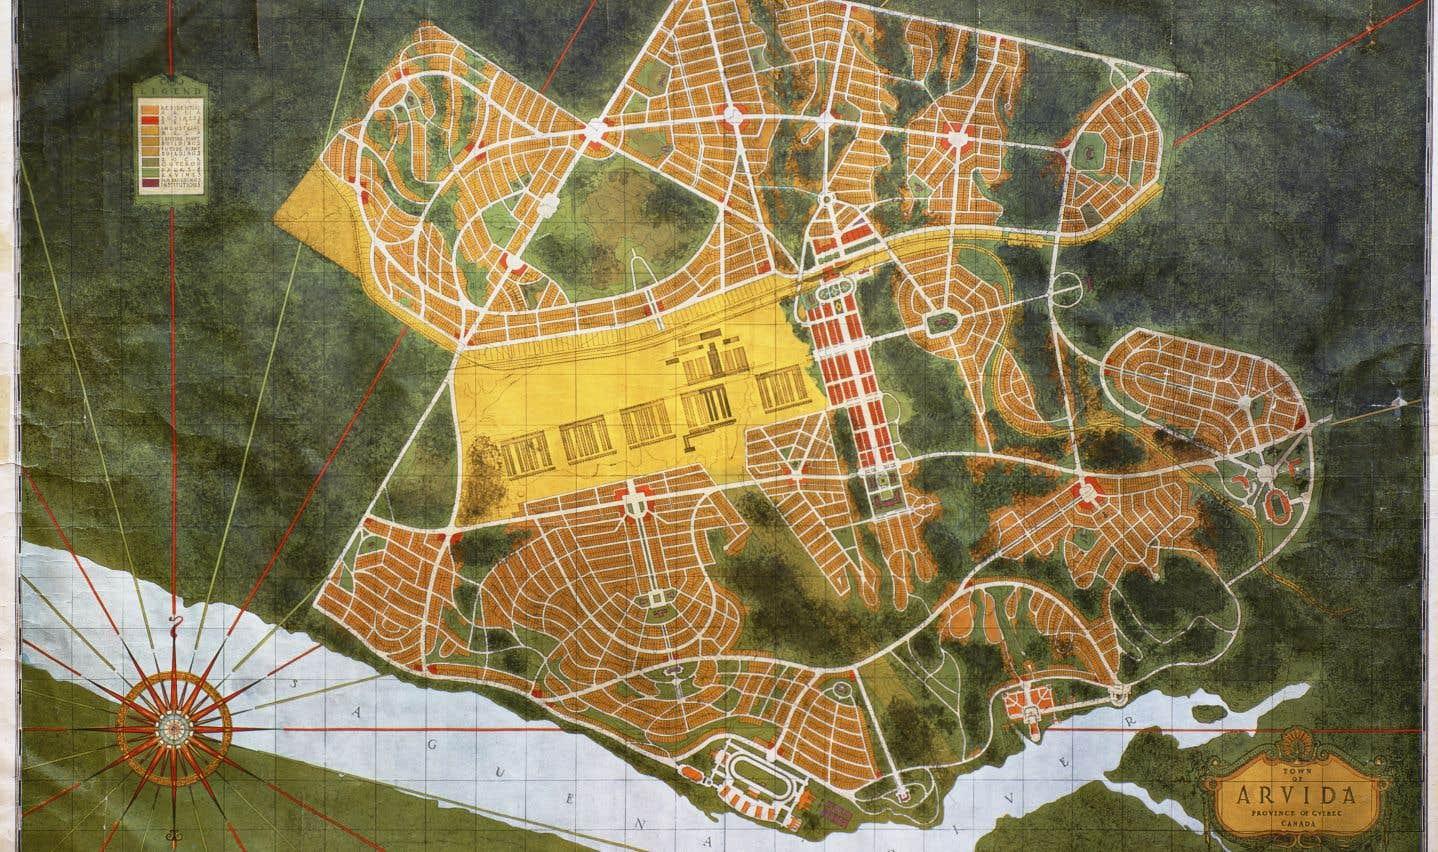 Les concepteurs d'Arvida voulaient créer une ville industrielle unique axée sur l'égalité et la qualité de vie. Une démarche d'avant-garde pour les années 1920.